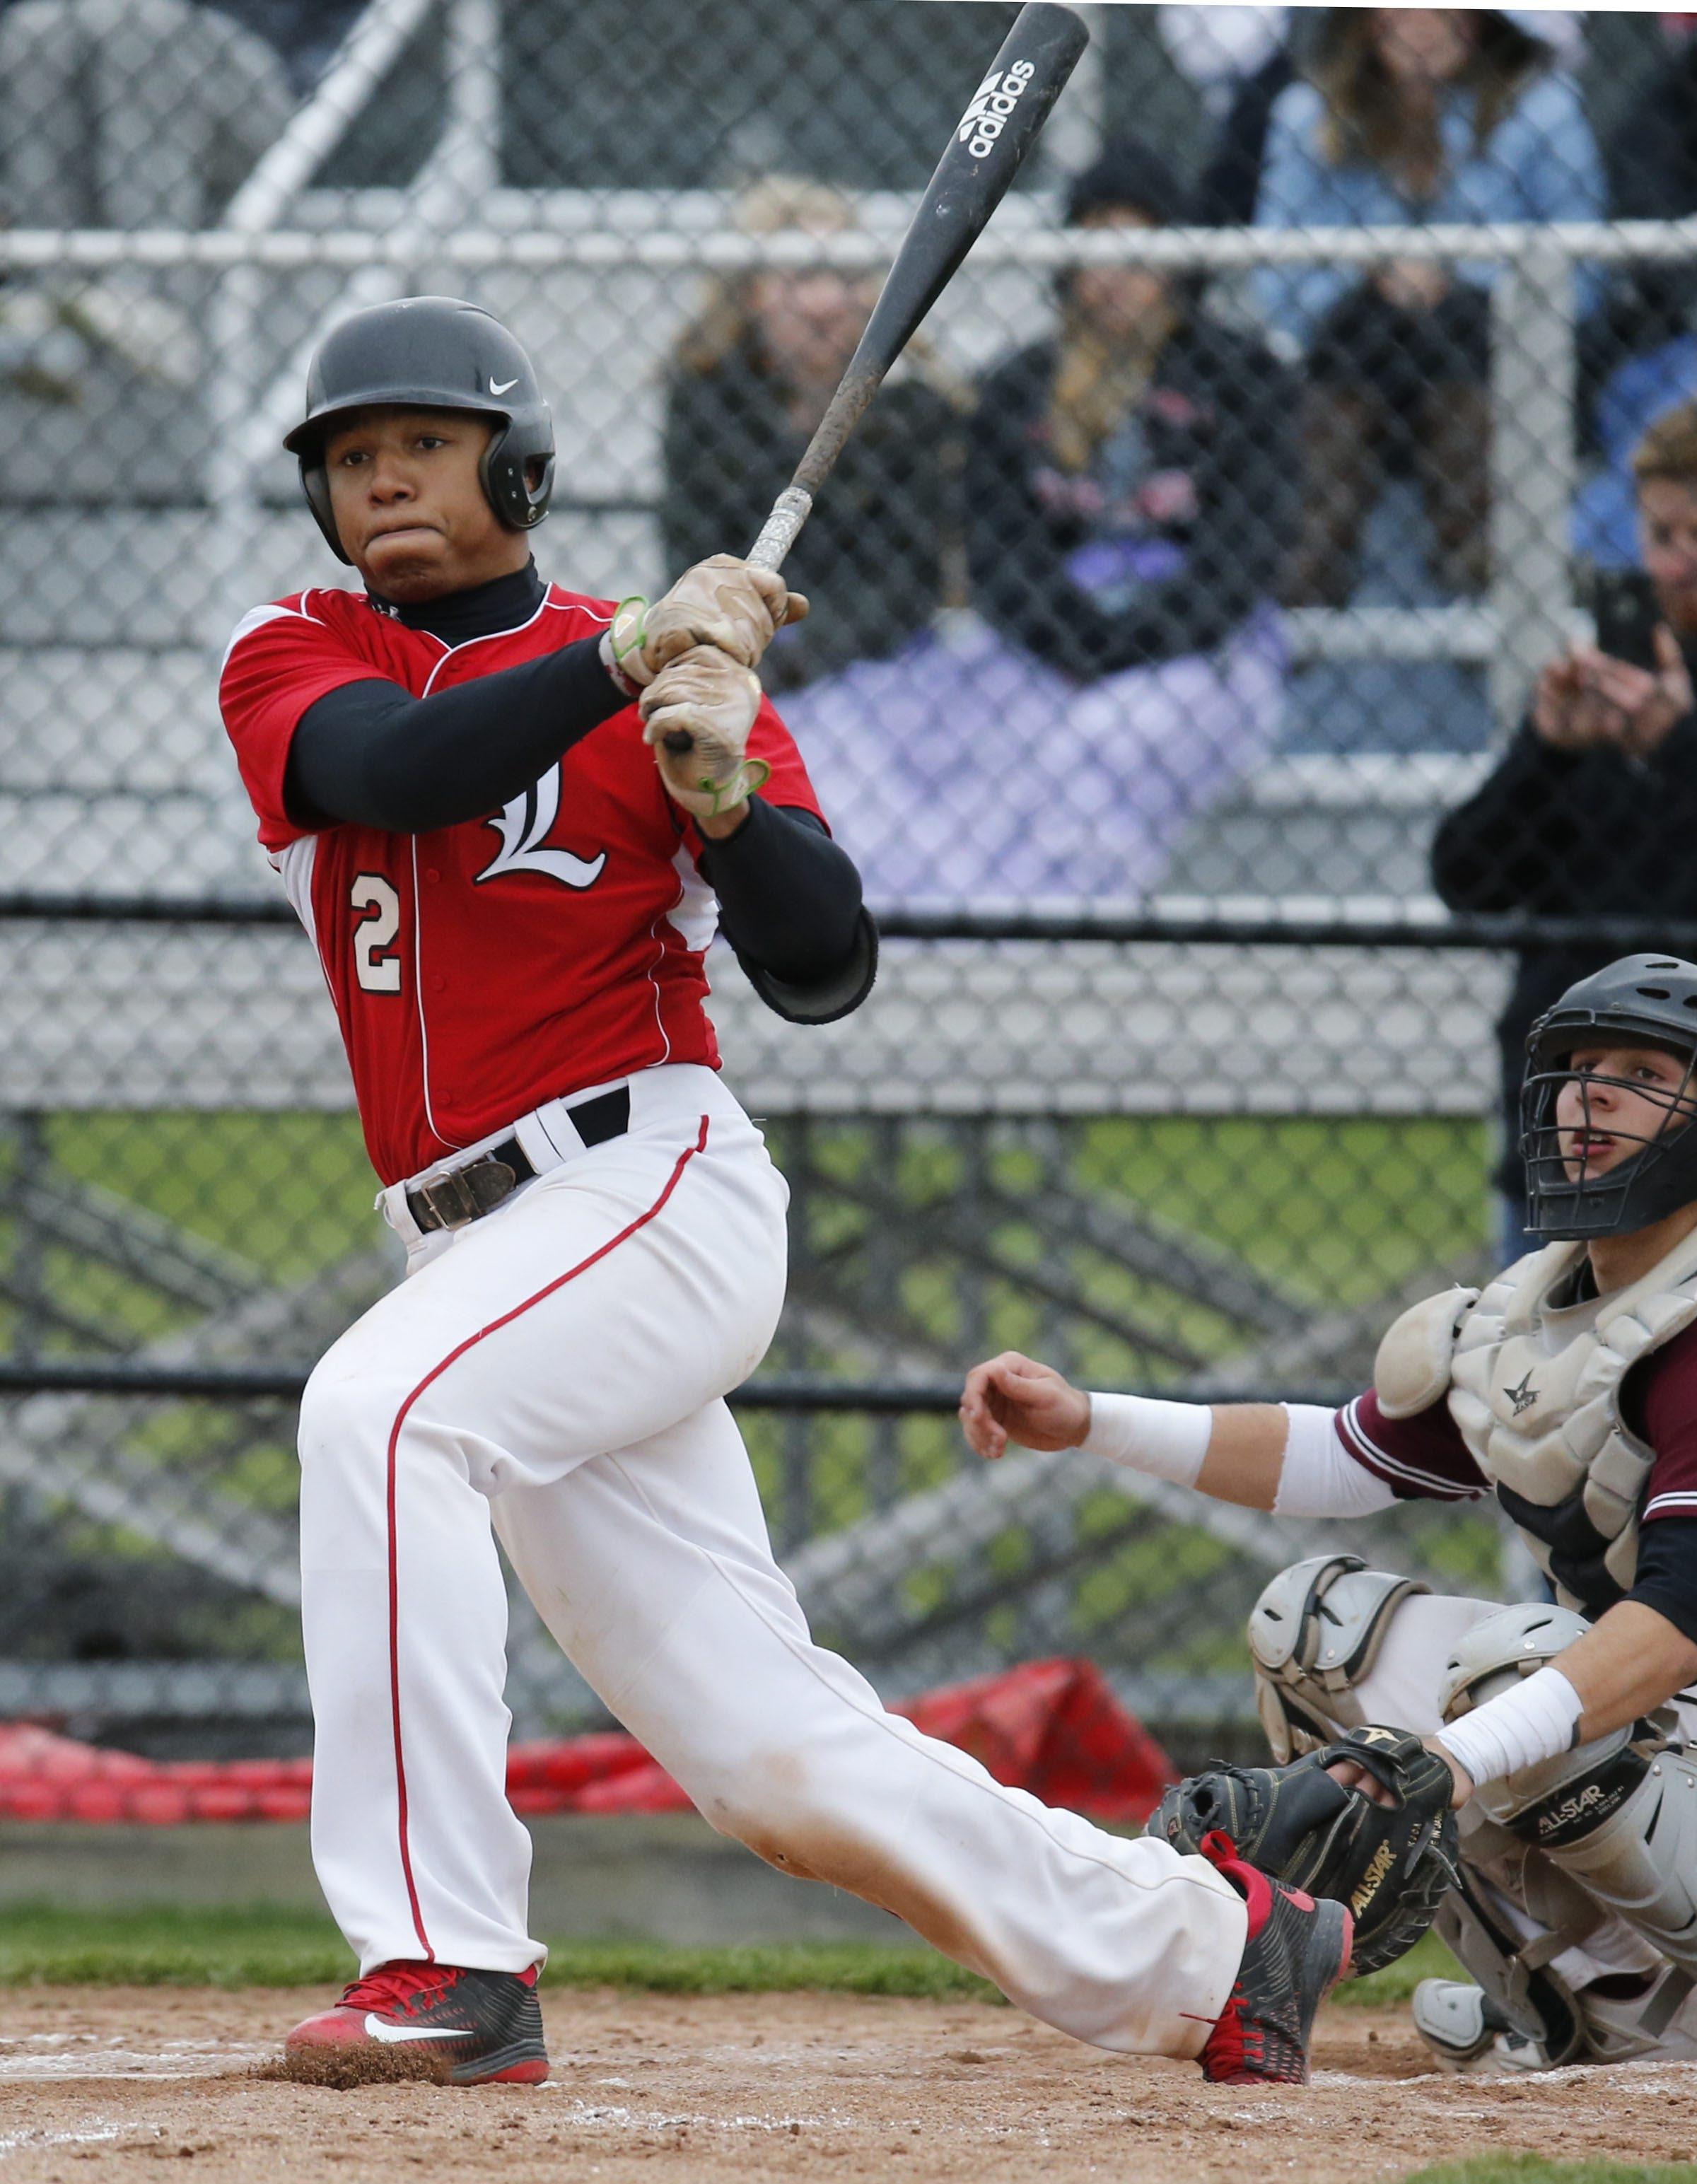 Lancaster outfielder Leugim Castillo has been selected by CBS MaxPreps as a preseason All-American in baseball. (James P. McCoy/Buffalo News file photo)